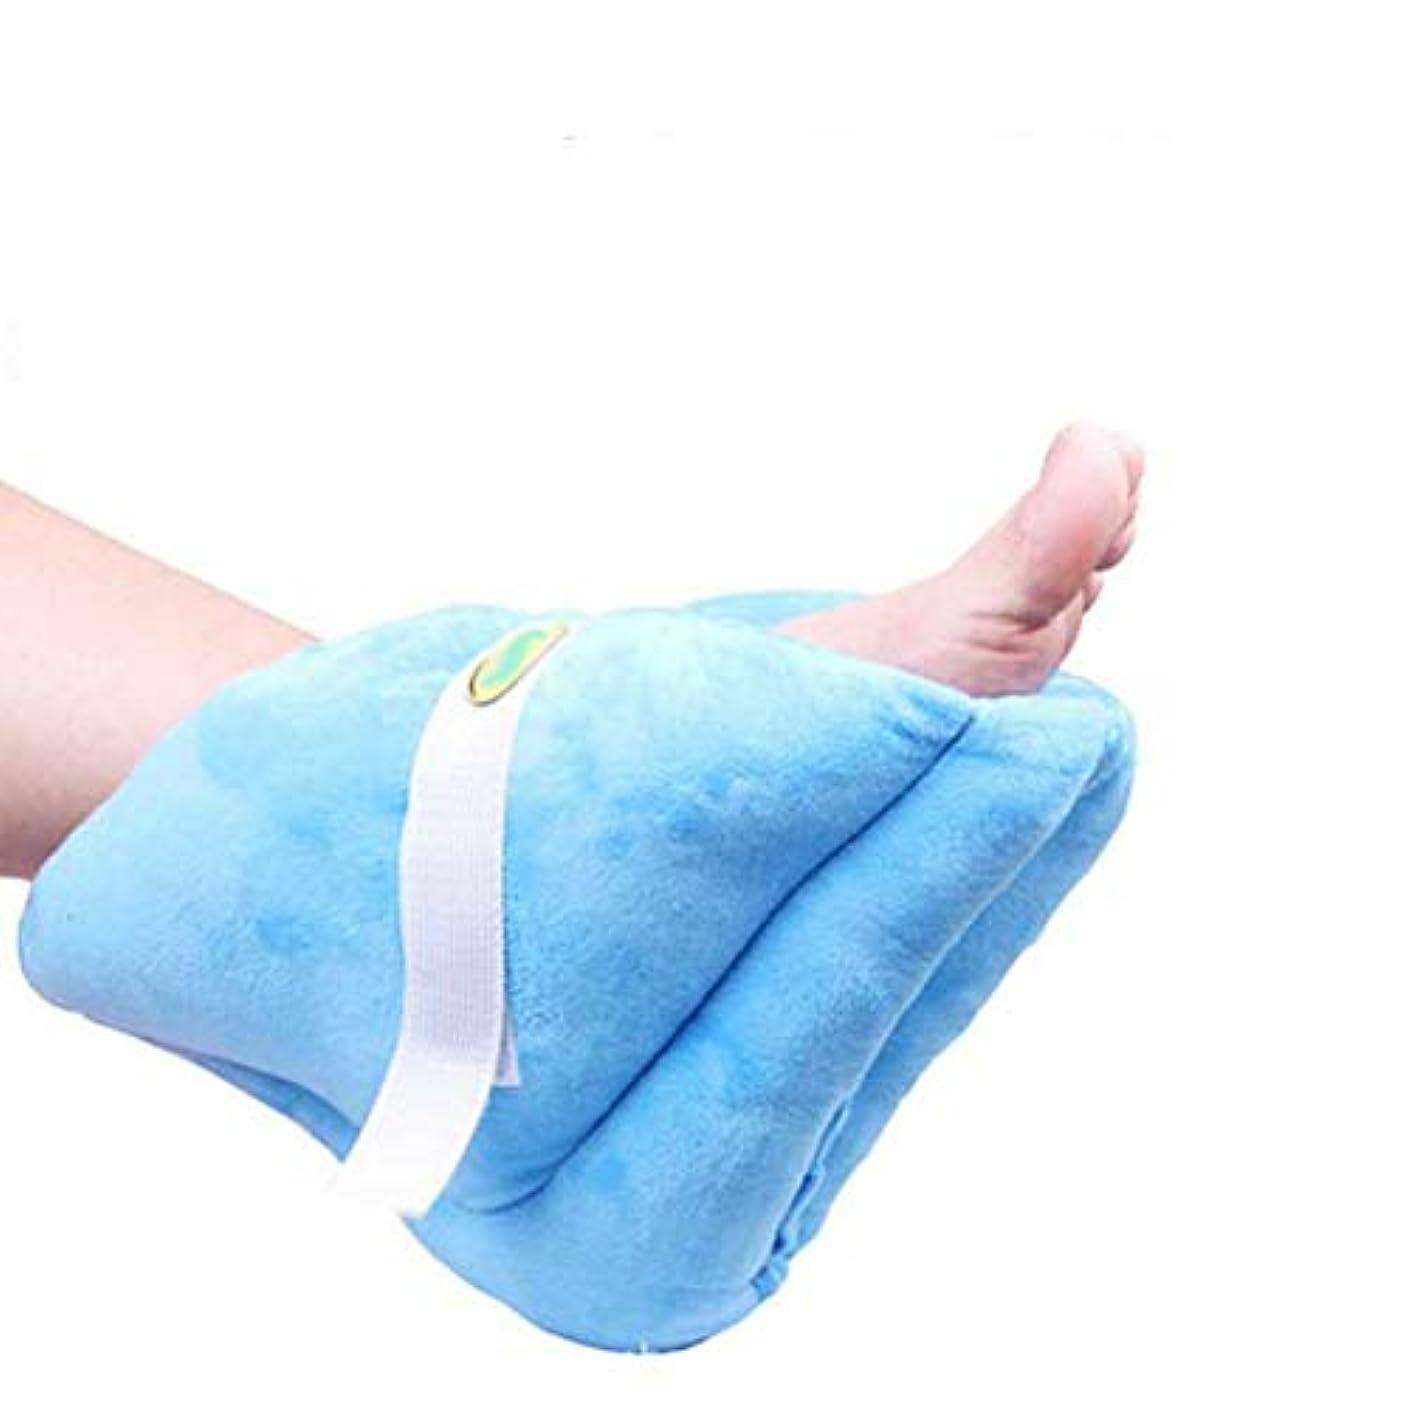 国民投票注目すべきベルトヒールクッションプロテクター - 足と足首の枕 - ヒール保護ガード - 足、肘、かかと - ベッド&褥瘡を保護します,1pc